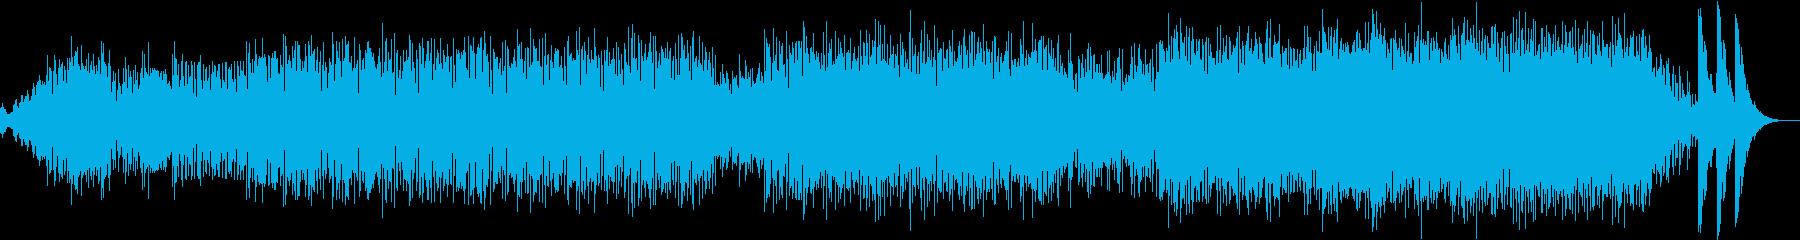 時計の秒針や鐘の鳴るホラーチックな曲の再生済みの波形